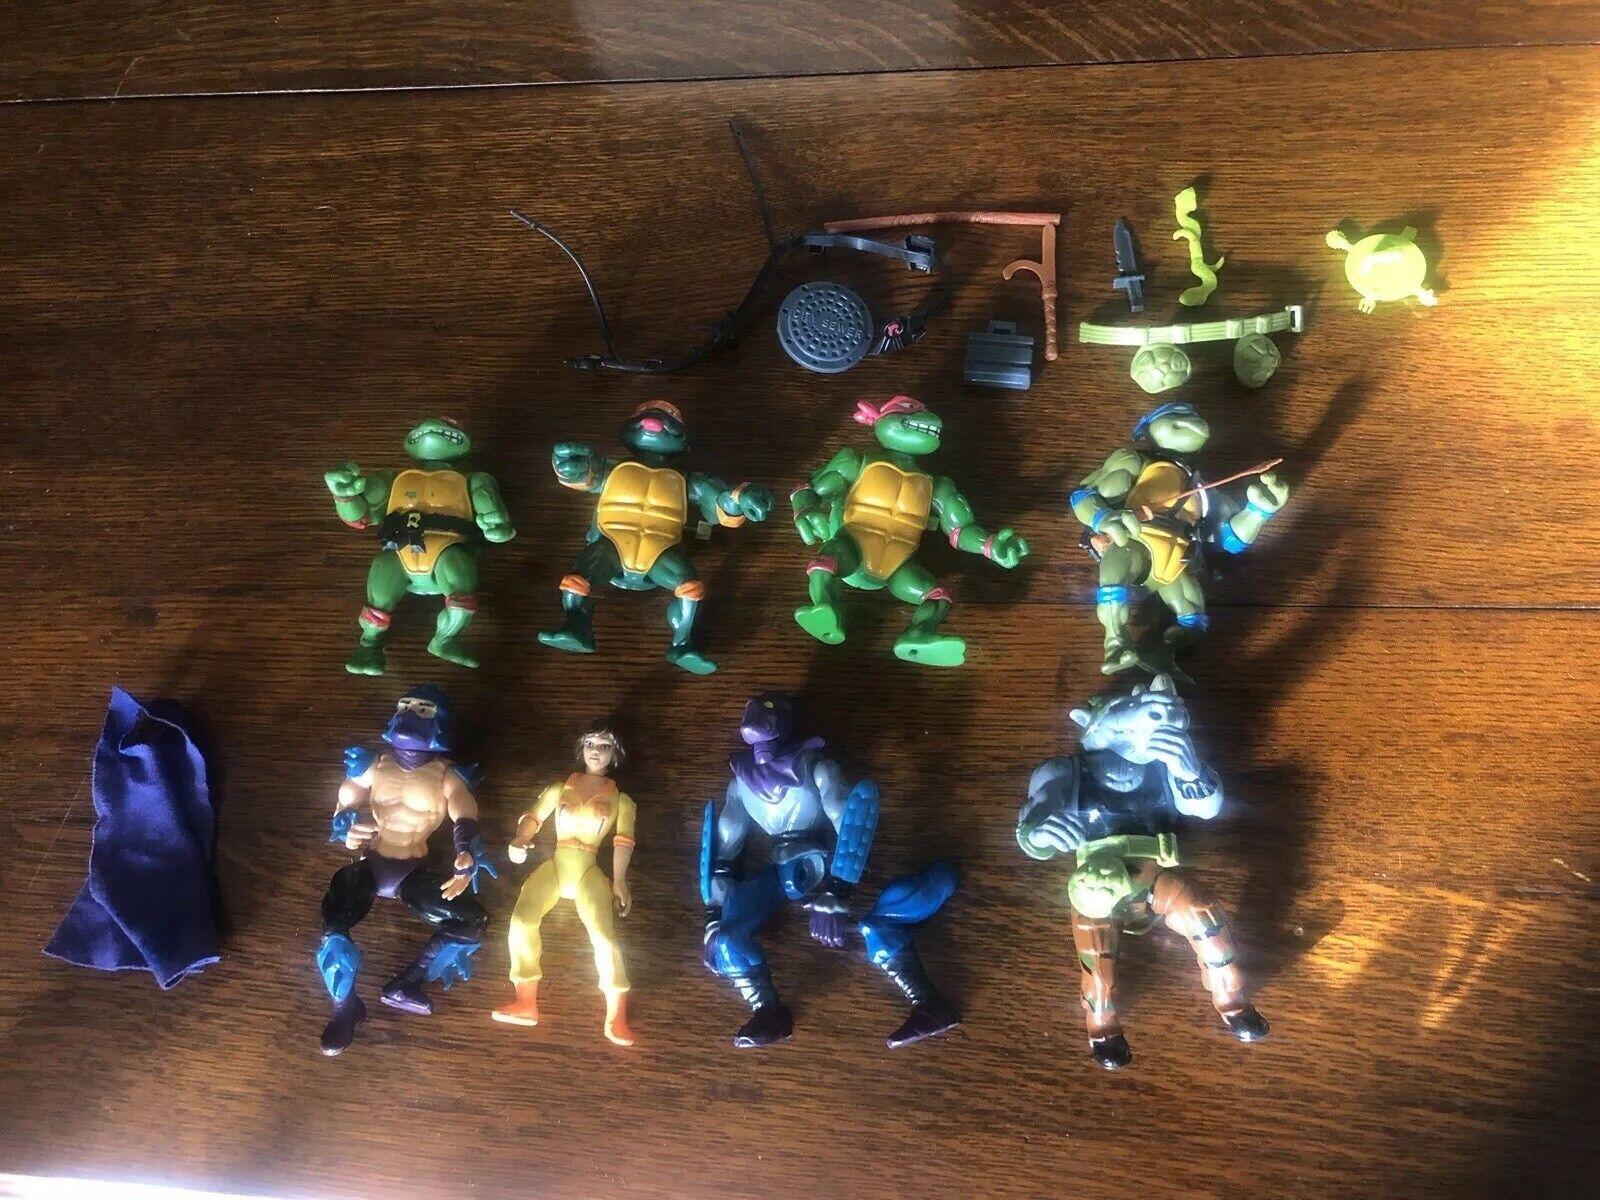 Bundle teenage mutant ninja turtles Action figures Vintage Vintage Rocksteady Shredder